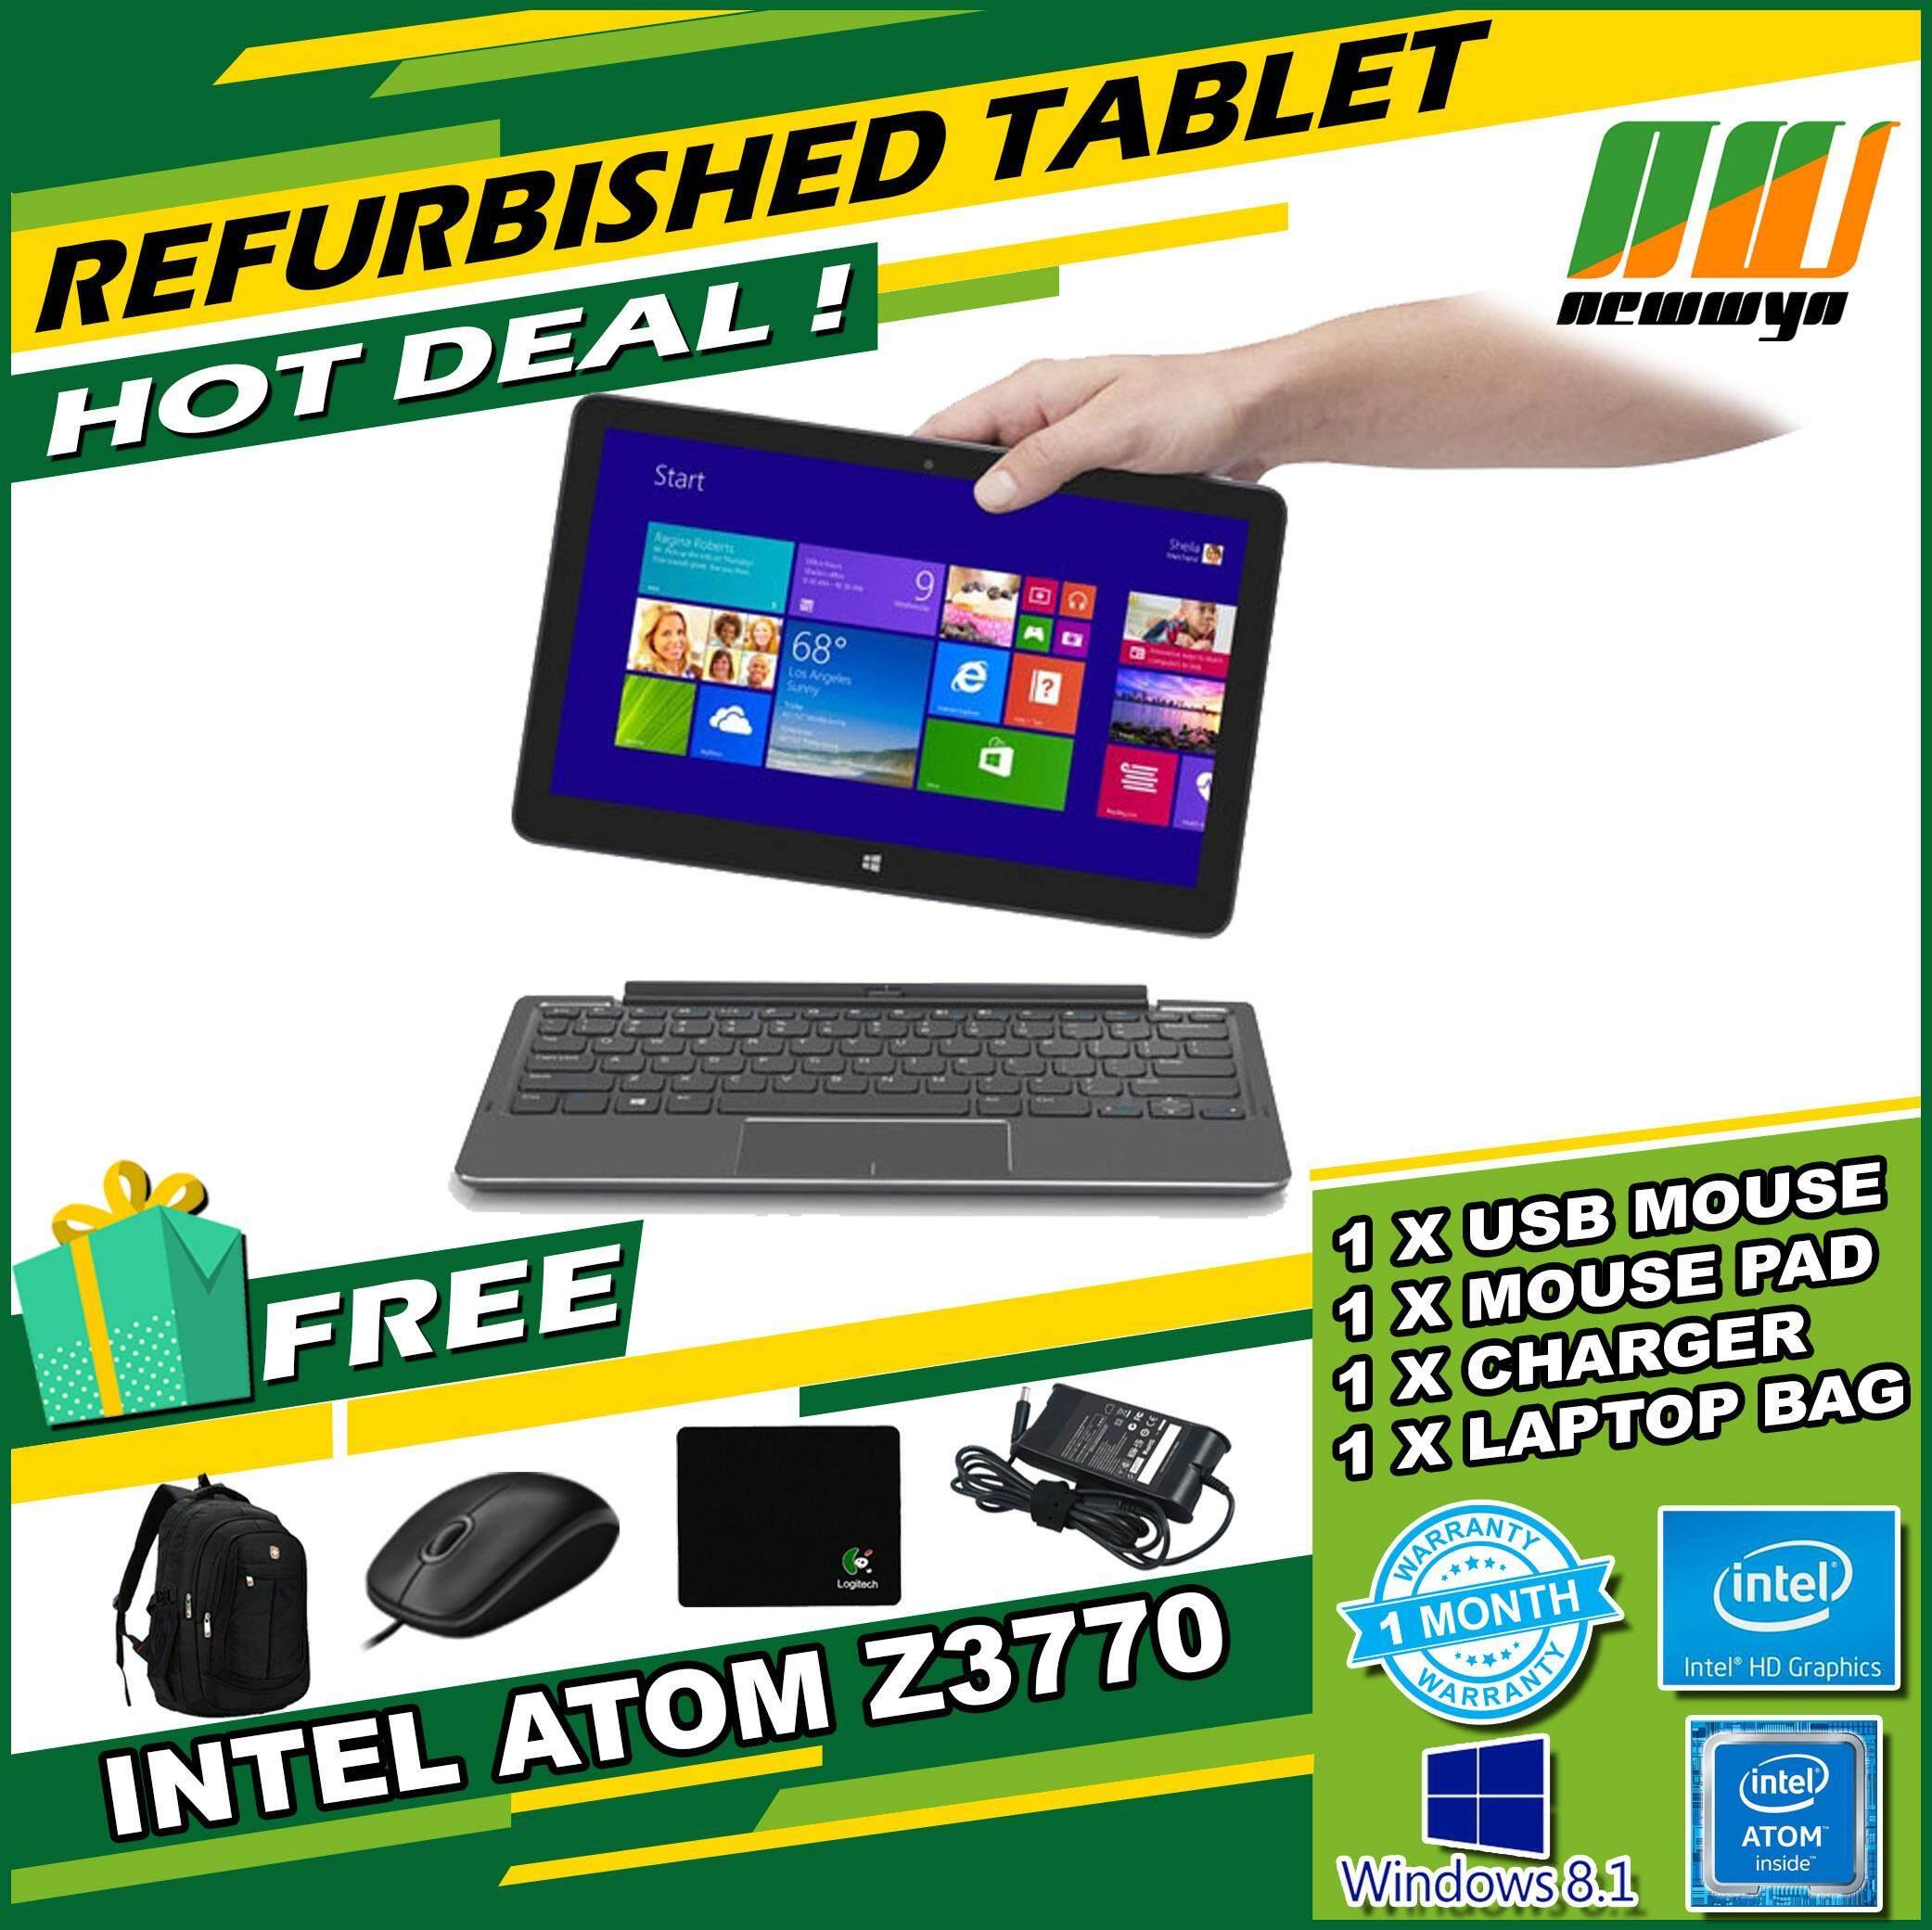 Refurbished Dell Venue 11 Pro 5130 Tablet (10.8, Intel Atom, 2GB RAM, 64GB eMMC, W8) - With Keyboard Malaysia